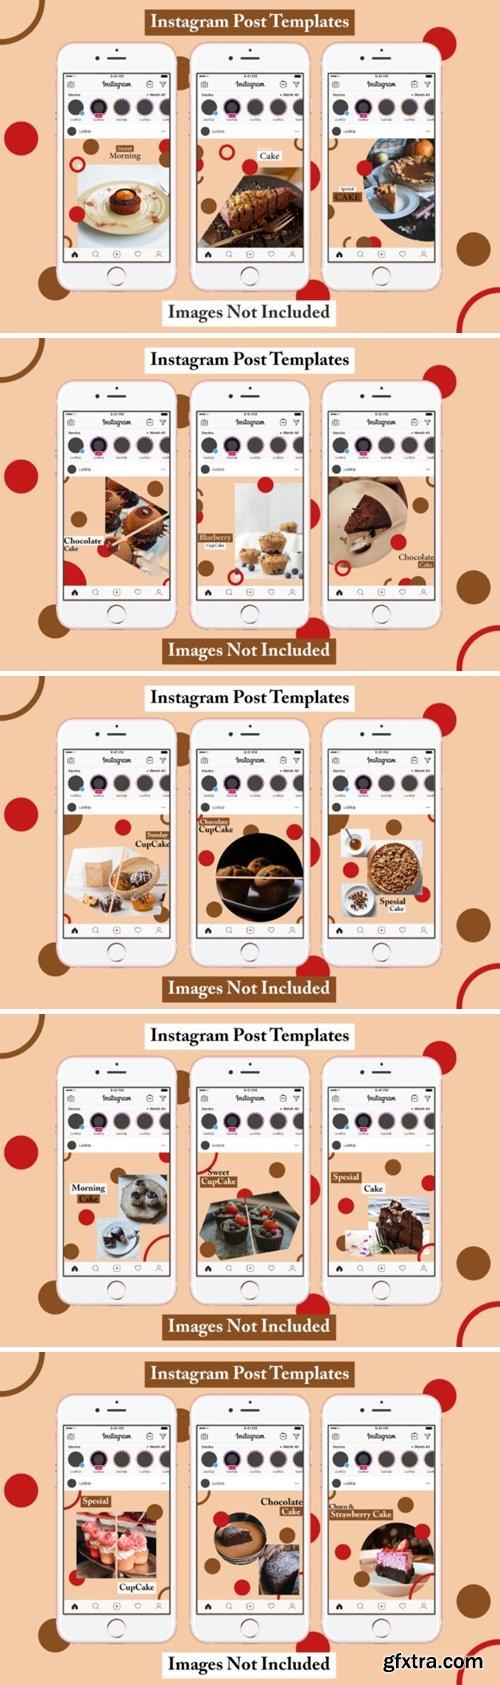 Moohedy Instagram Templates